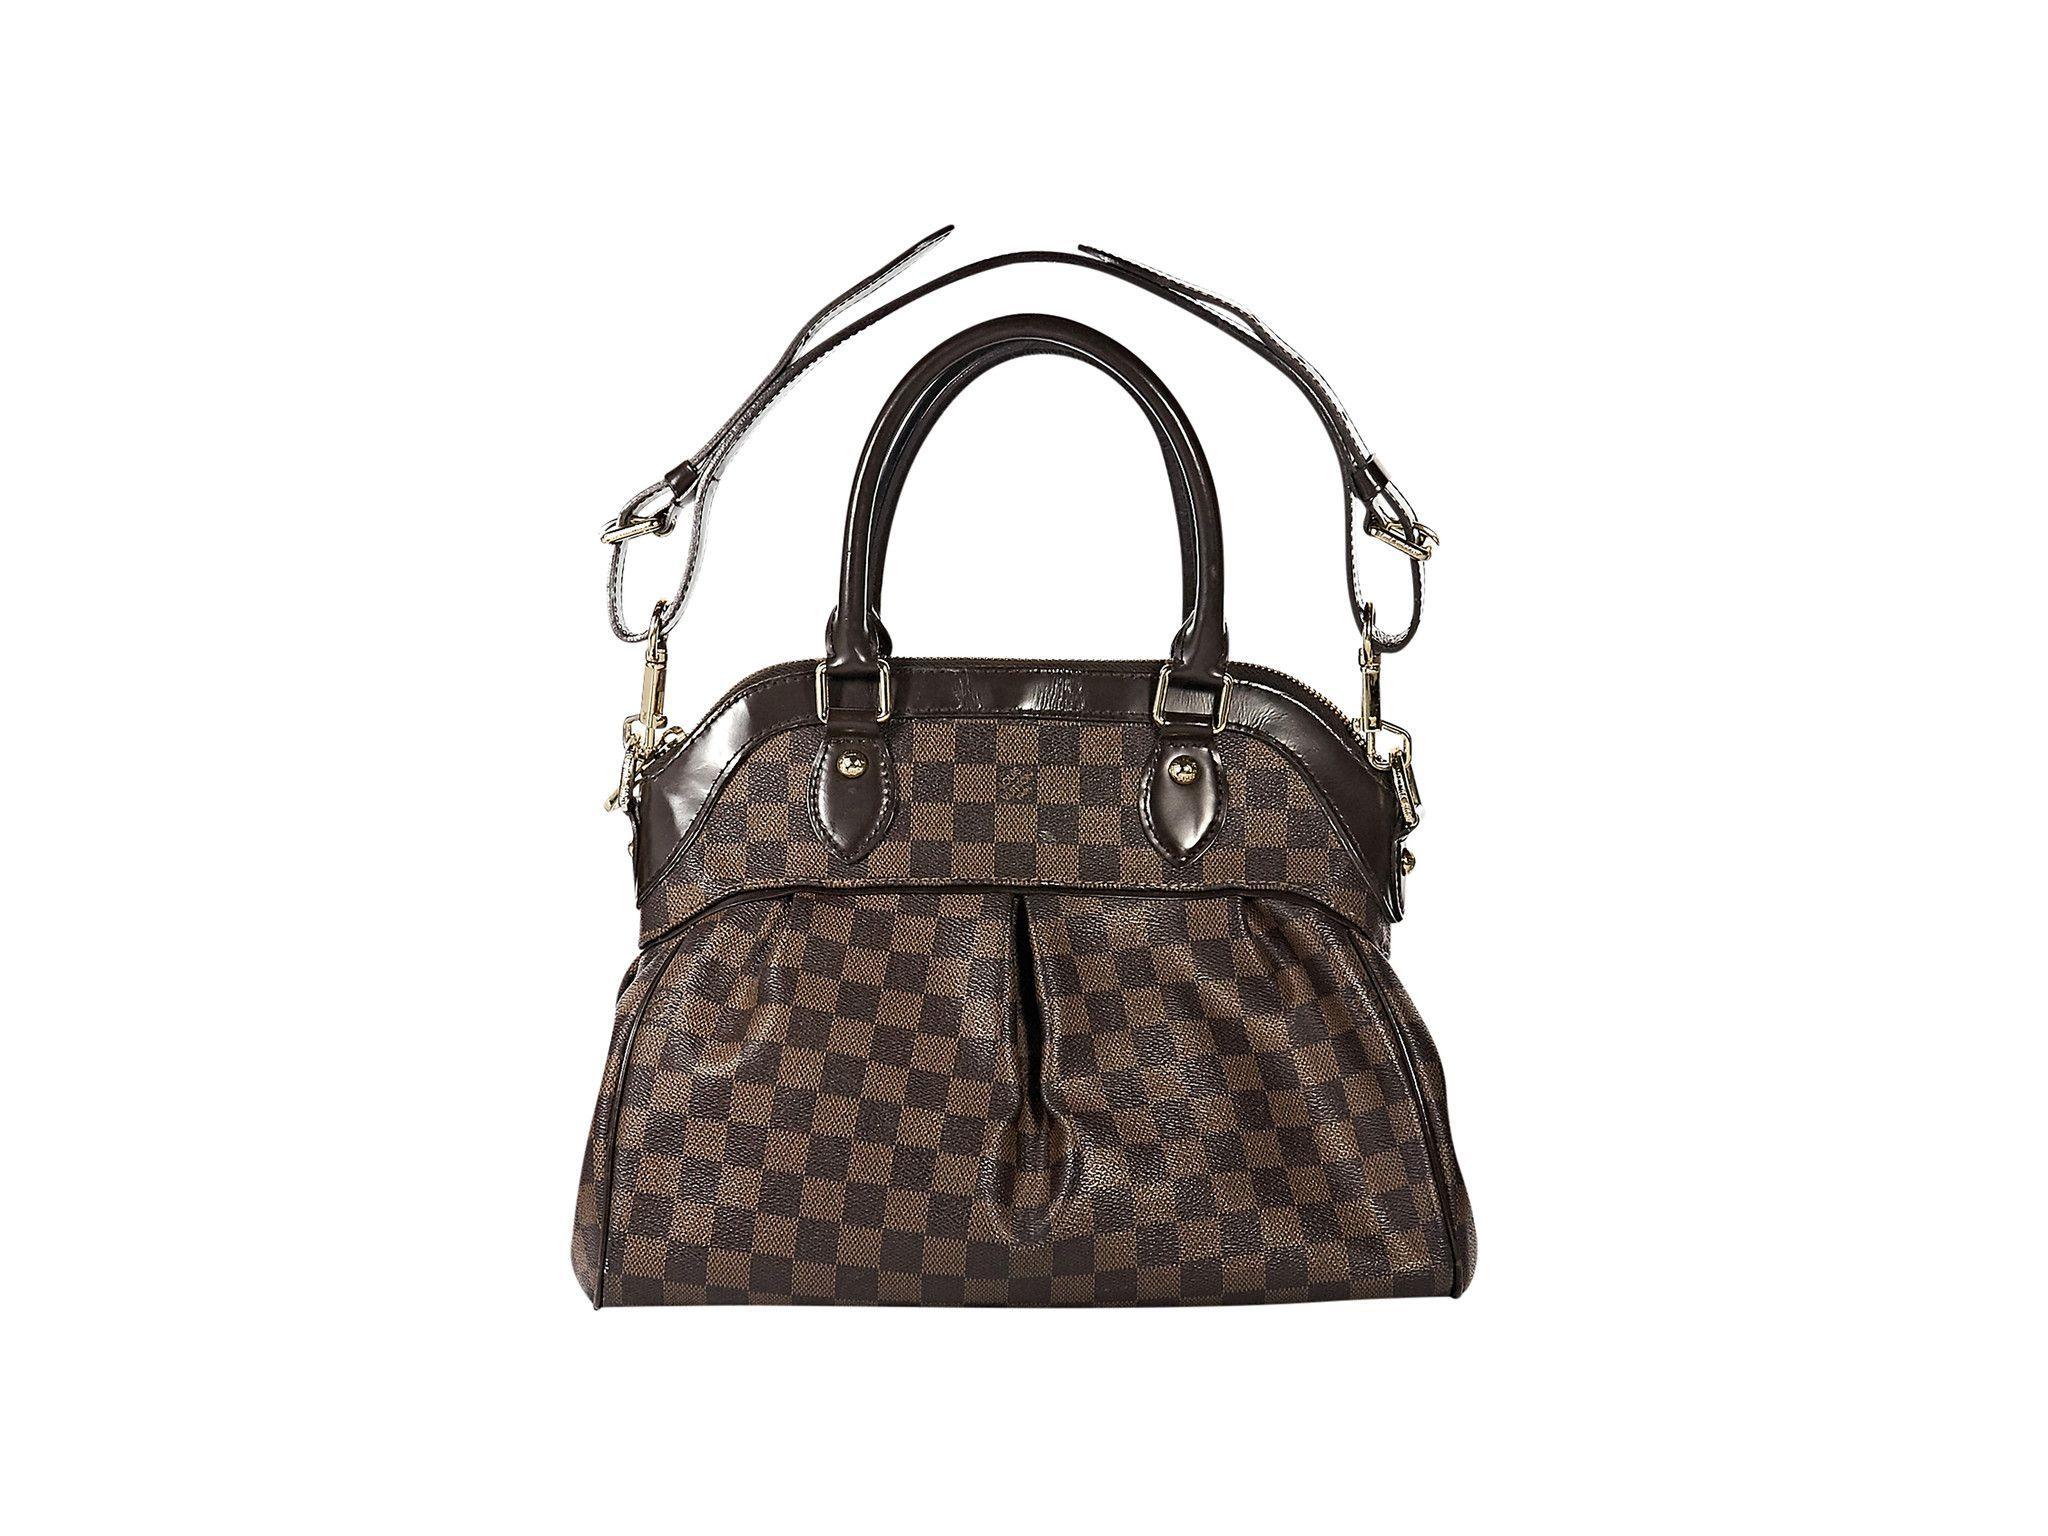 Brown Louis Vuitton Trevi PM Satchel